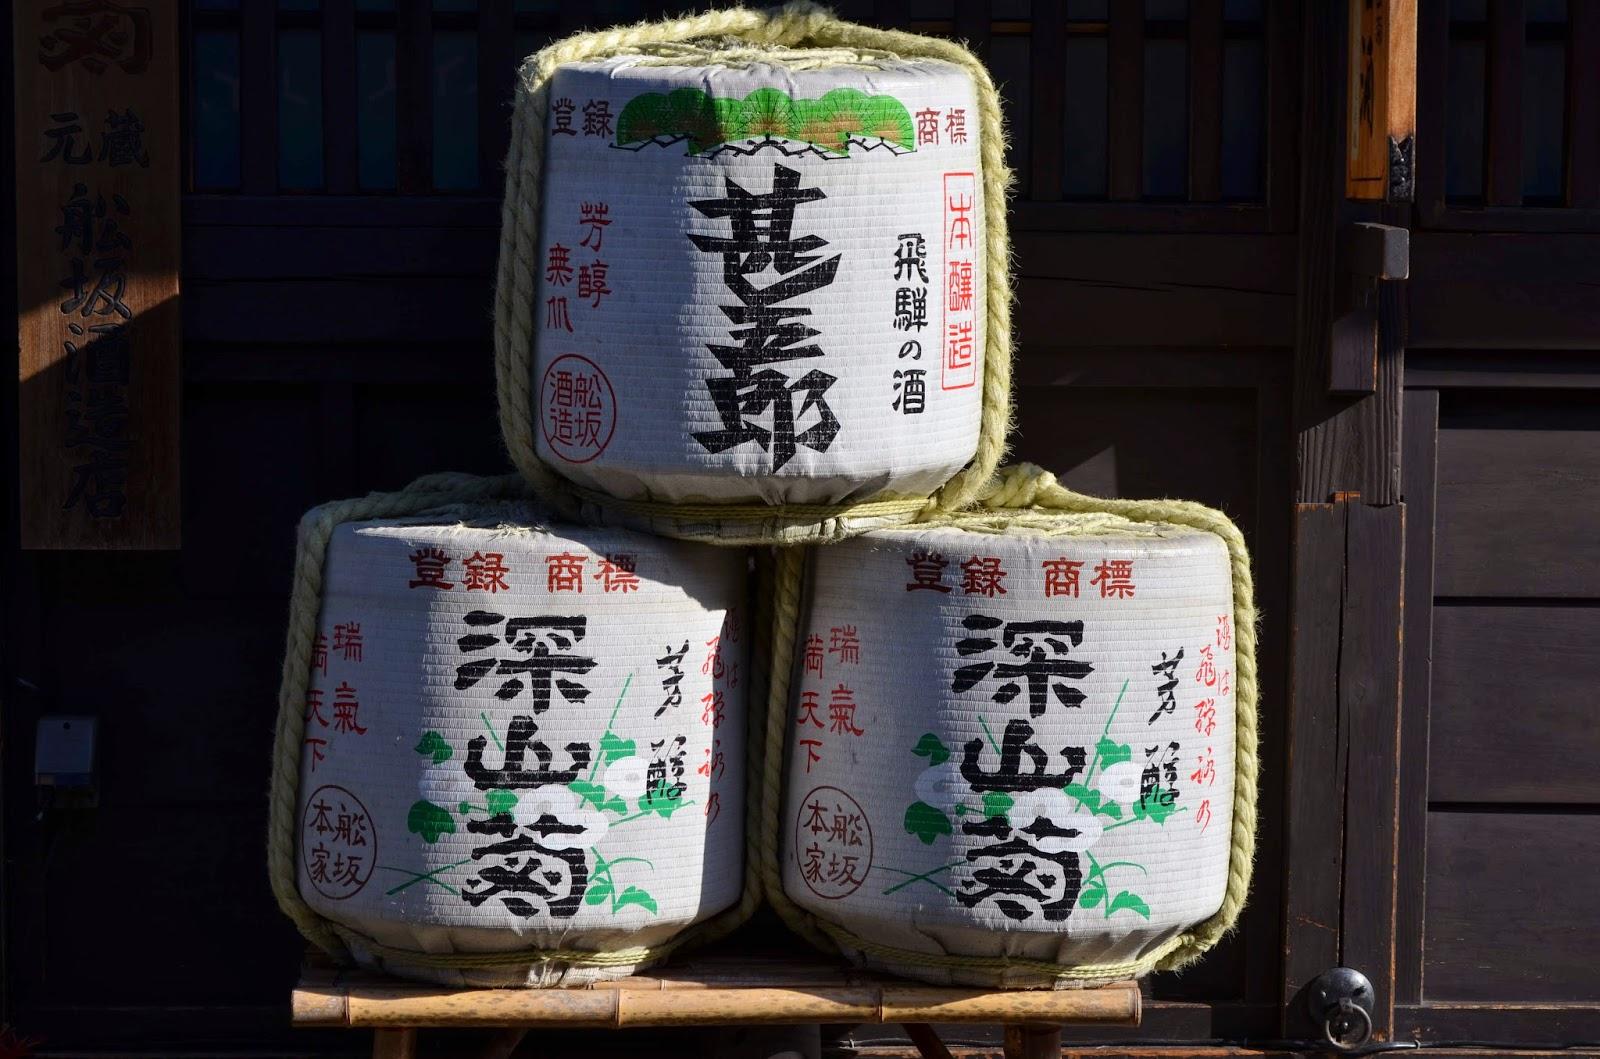 Japanese Sake from Takayama